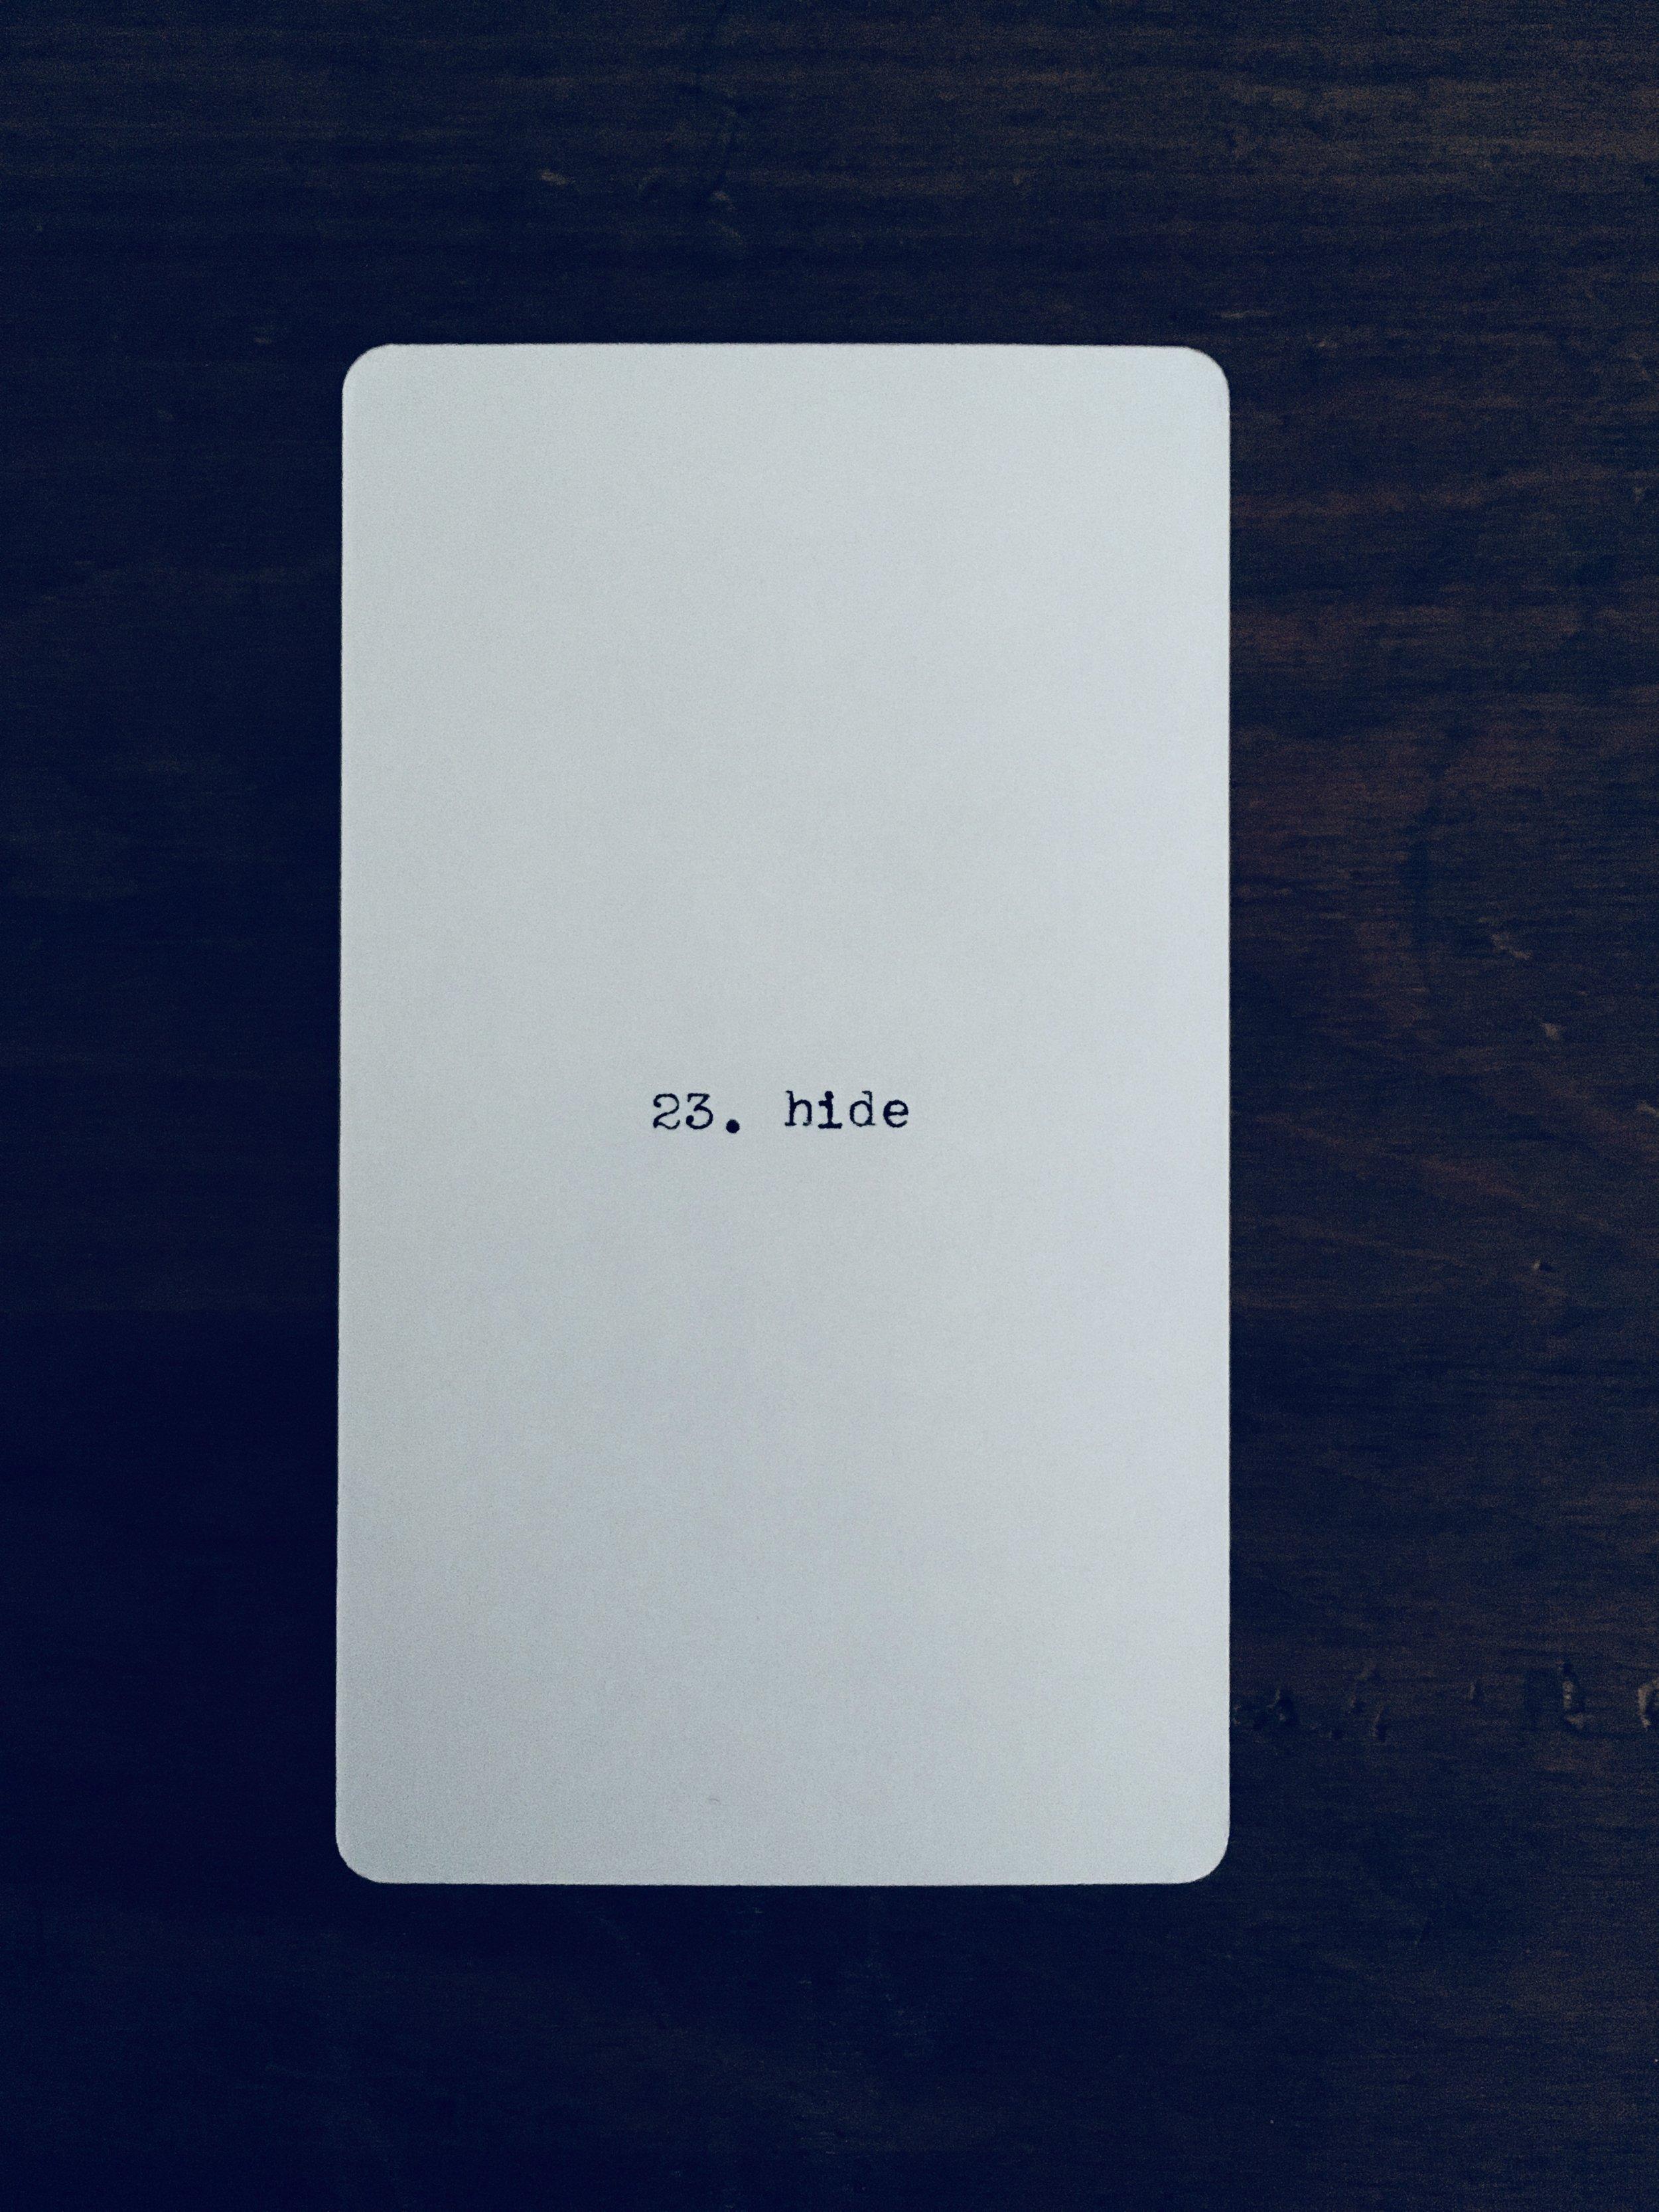 Cancer: 23. hide